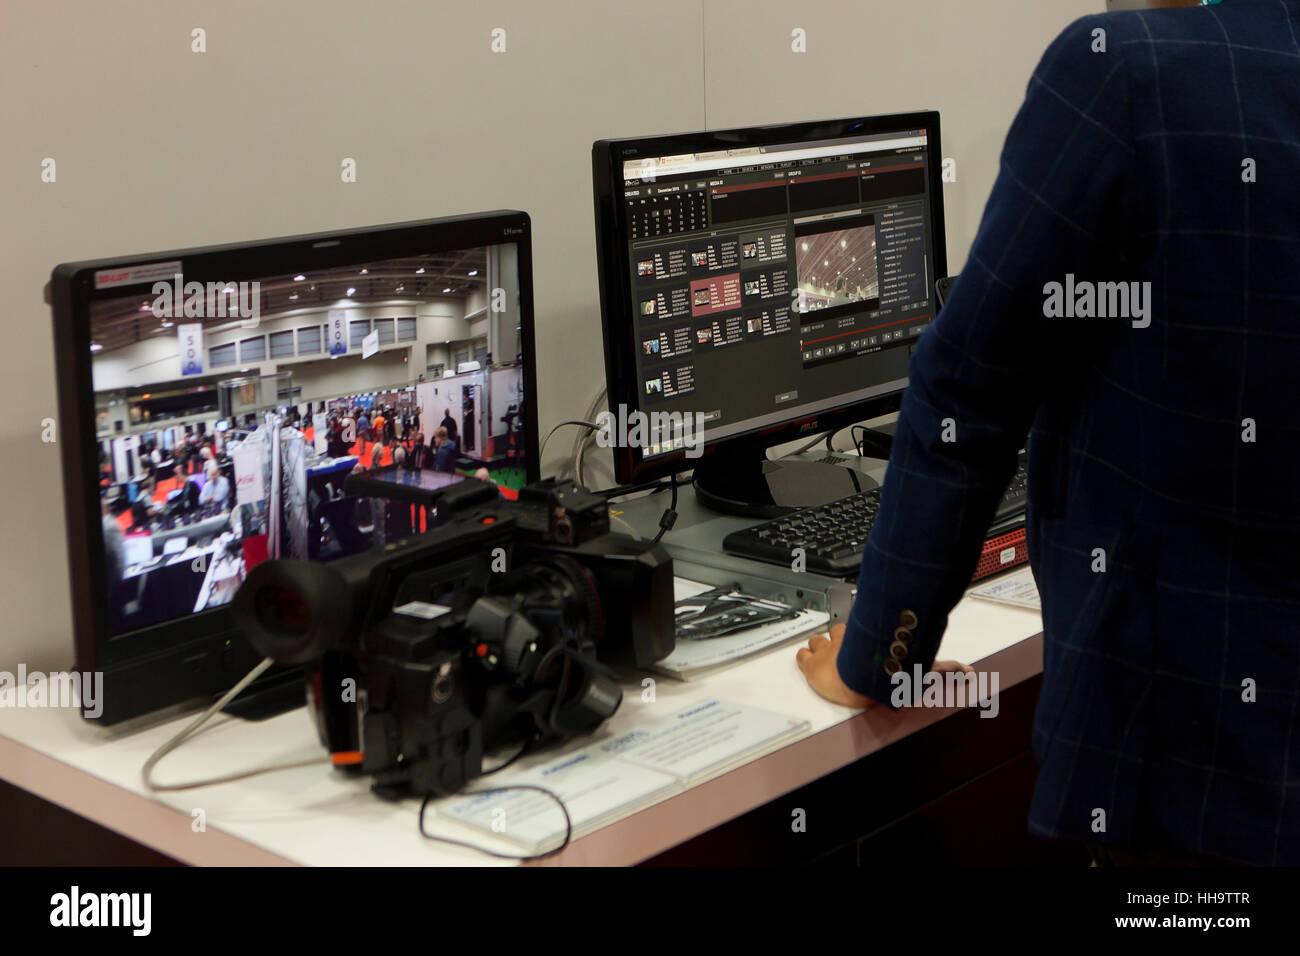 Estación de trabajo informática software de edición de vídeo que muestra en pantalla - EE.UU. Imagen De Stock